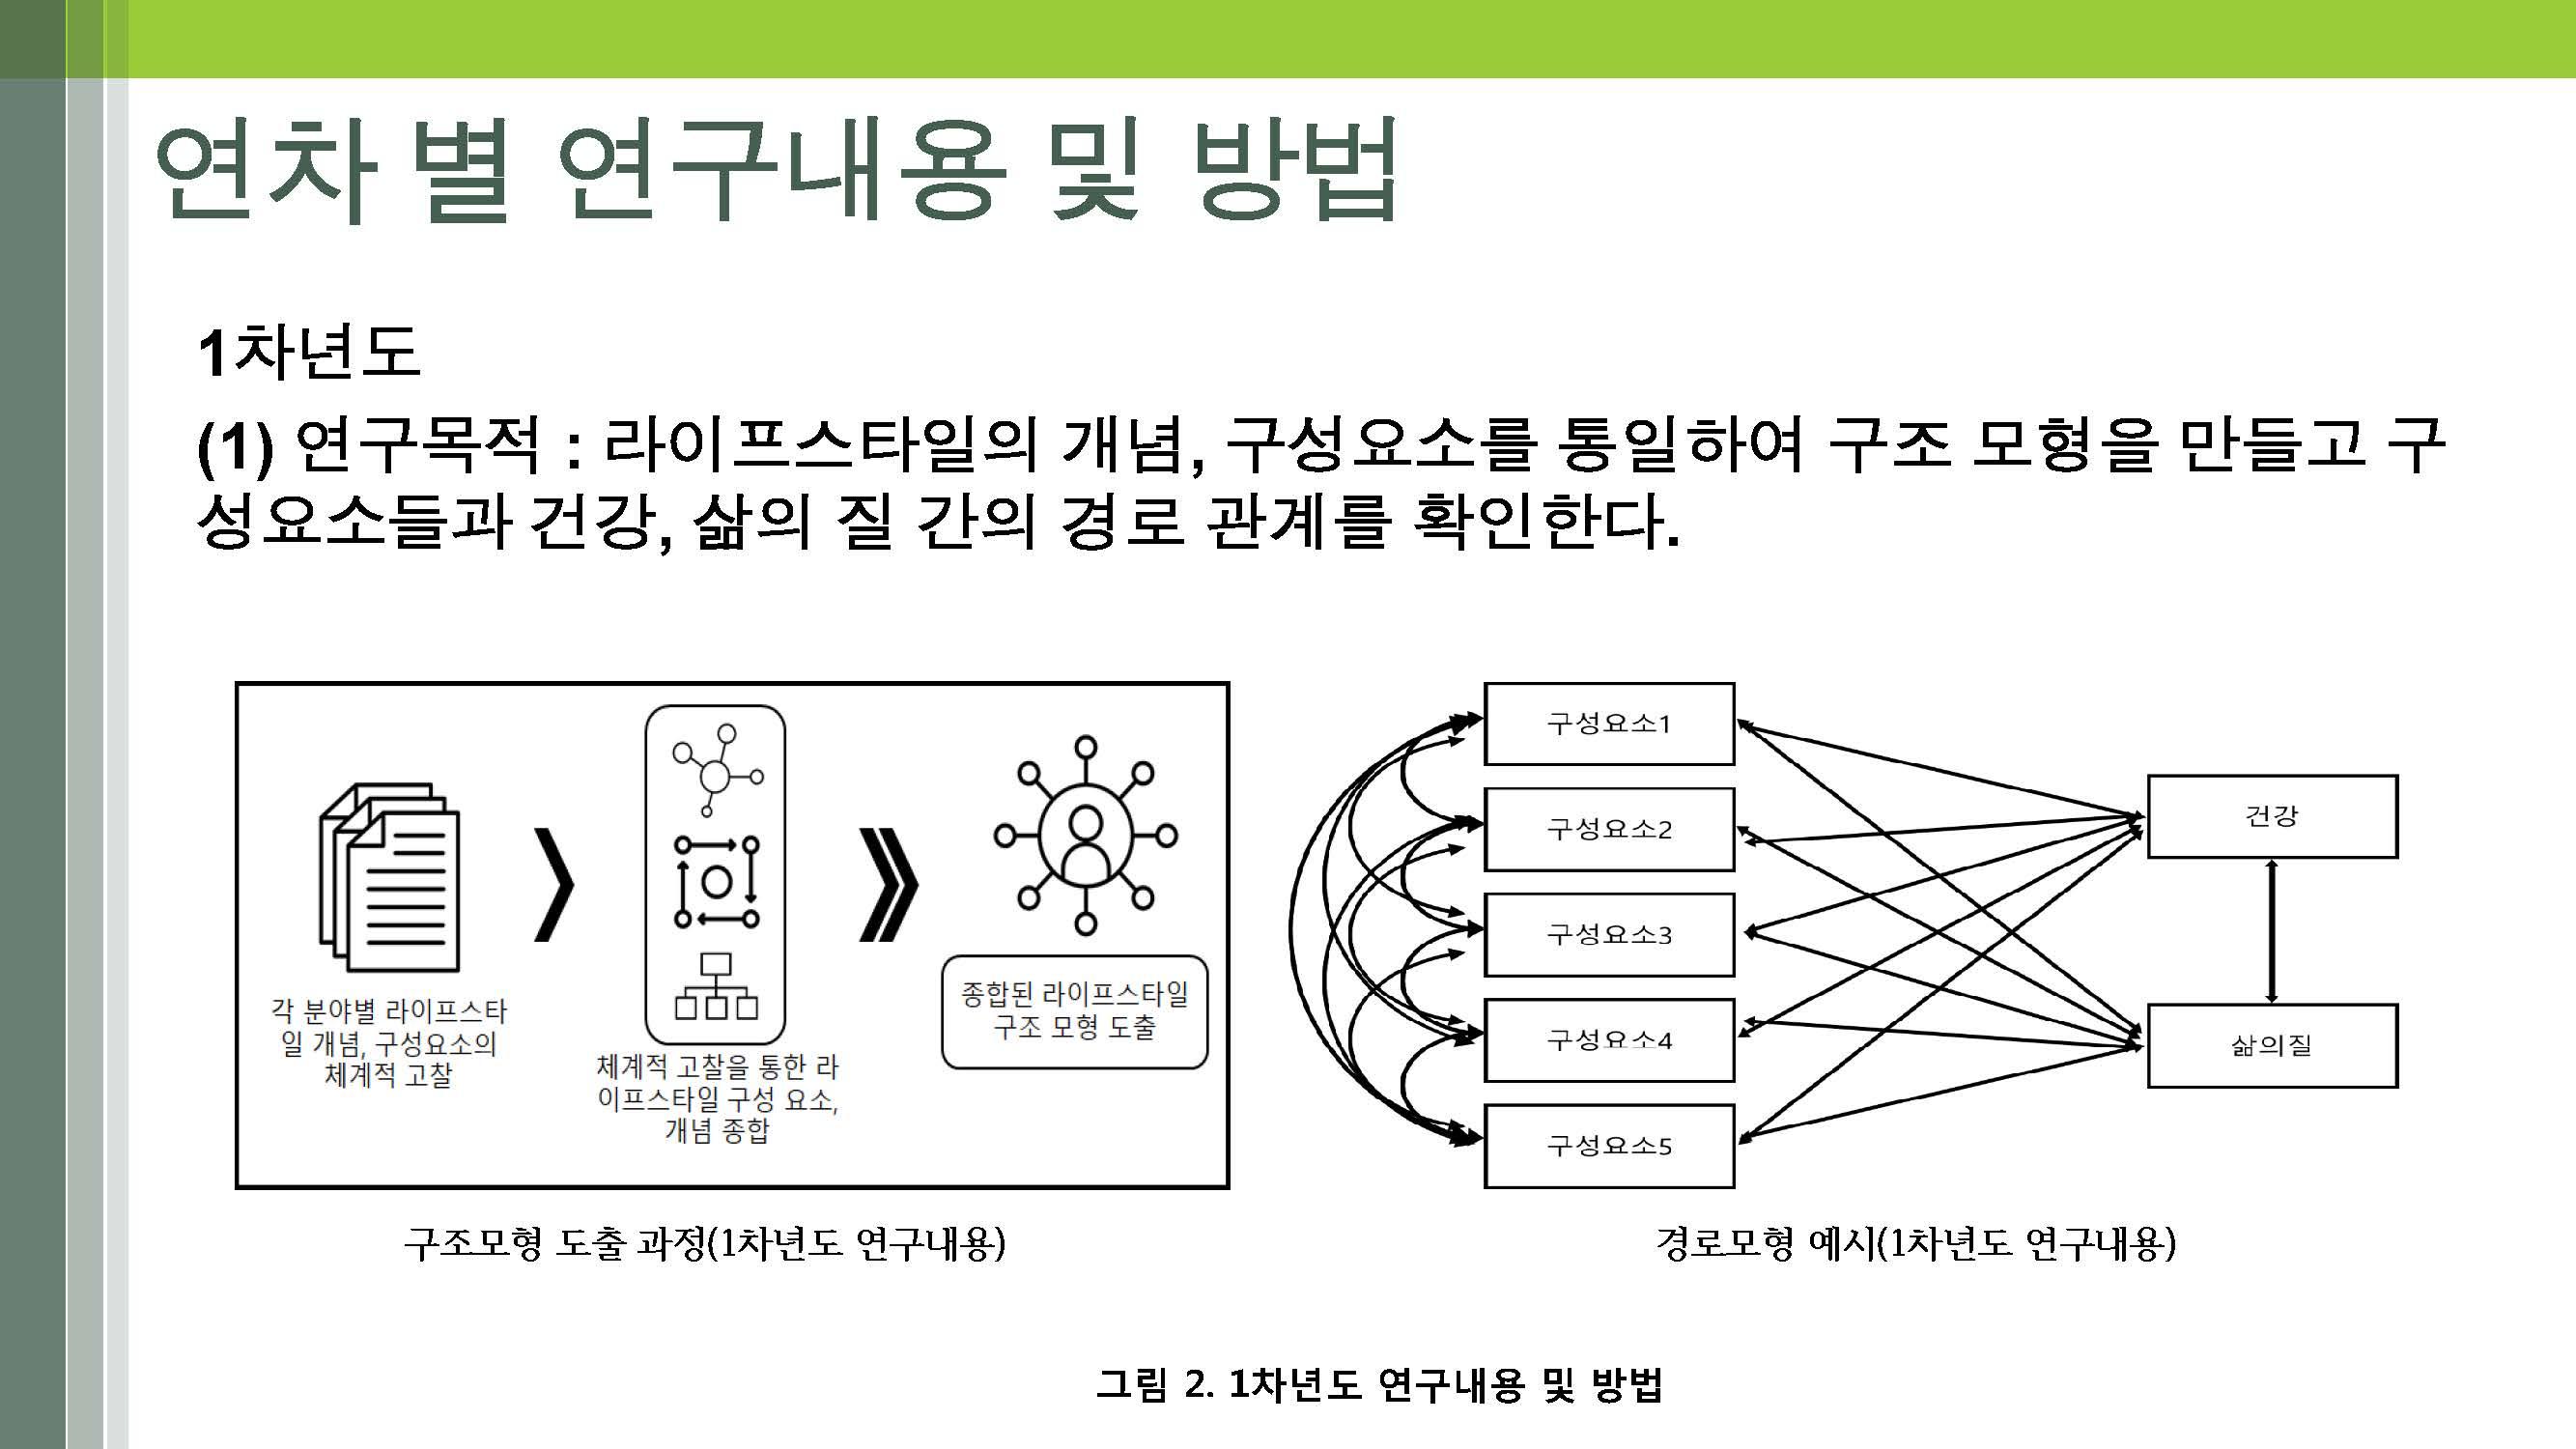 노인의 다면적 라이프스타일 개발(연세대-박지혁) (최종)_페이지_12